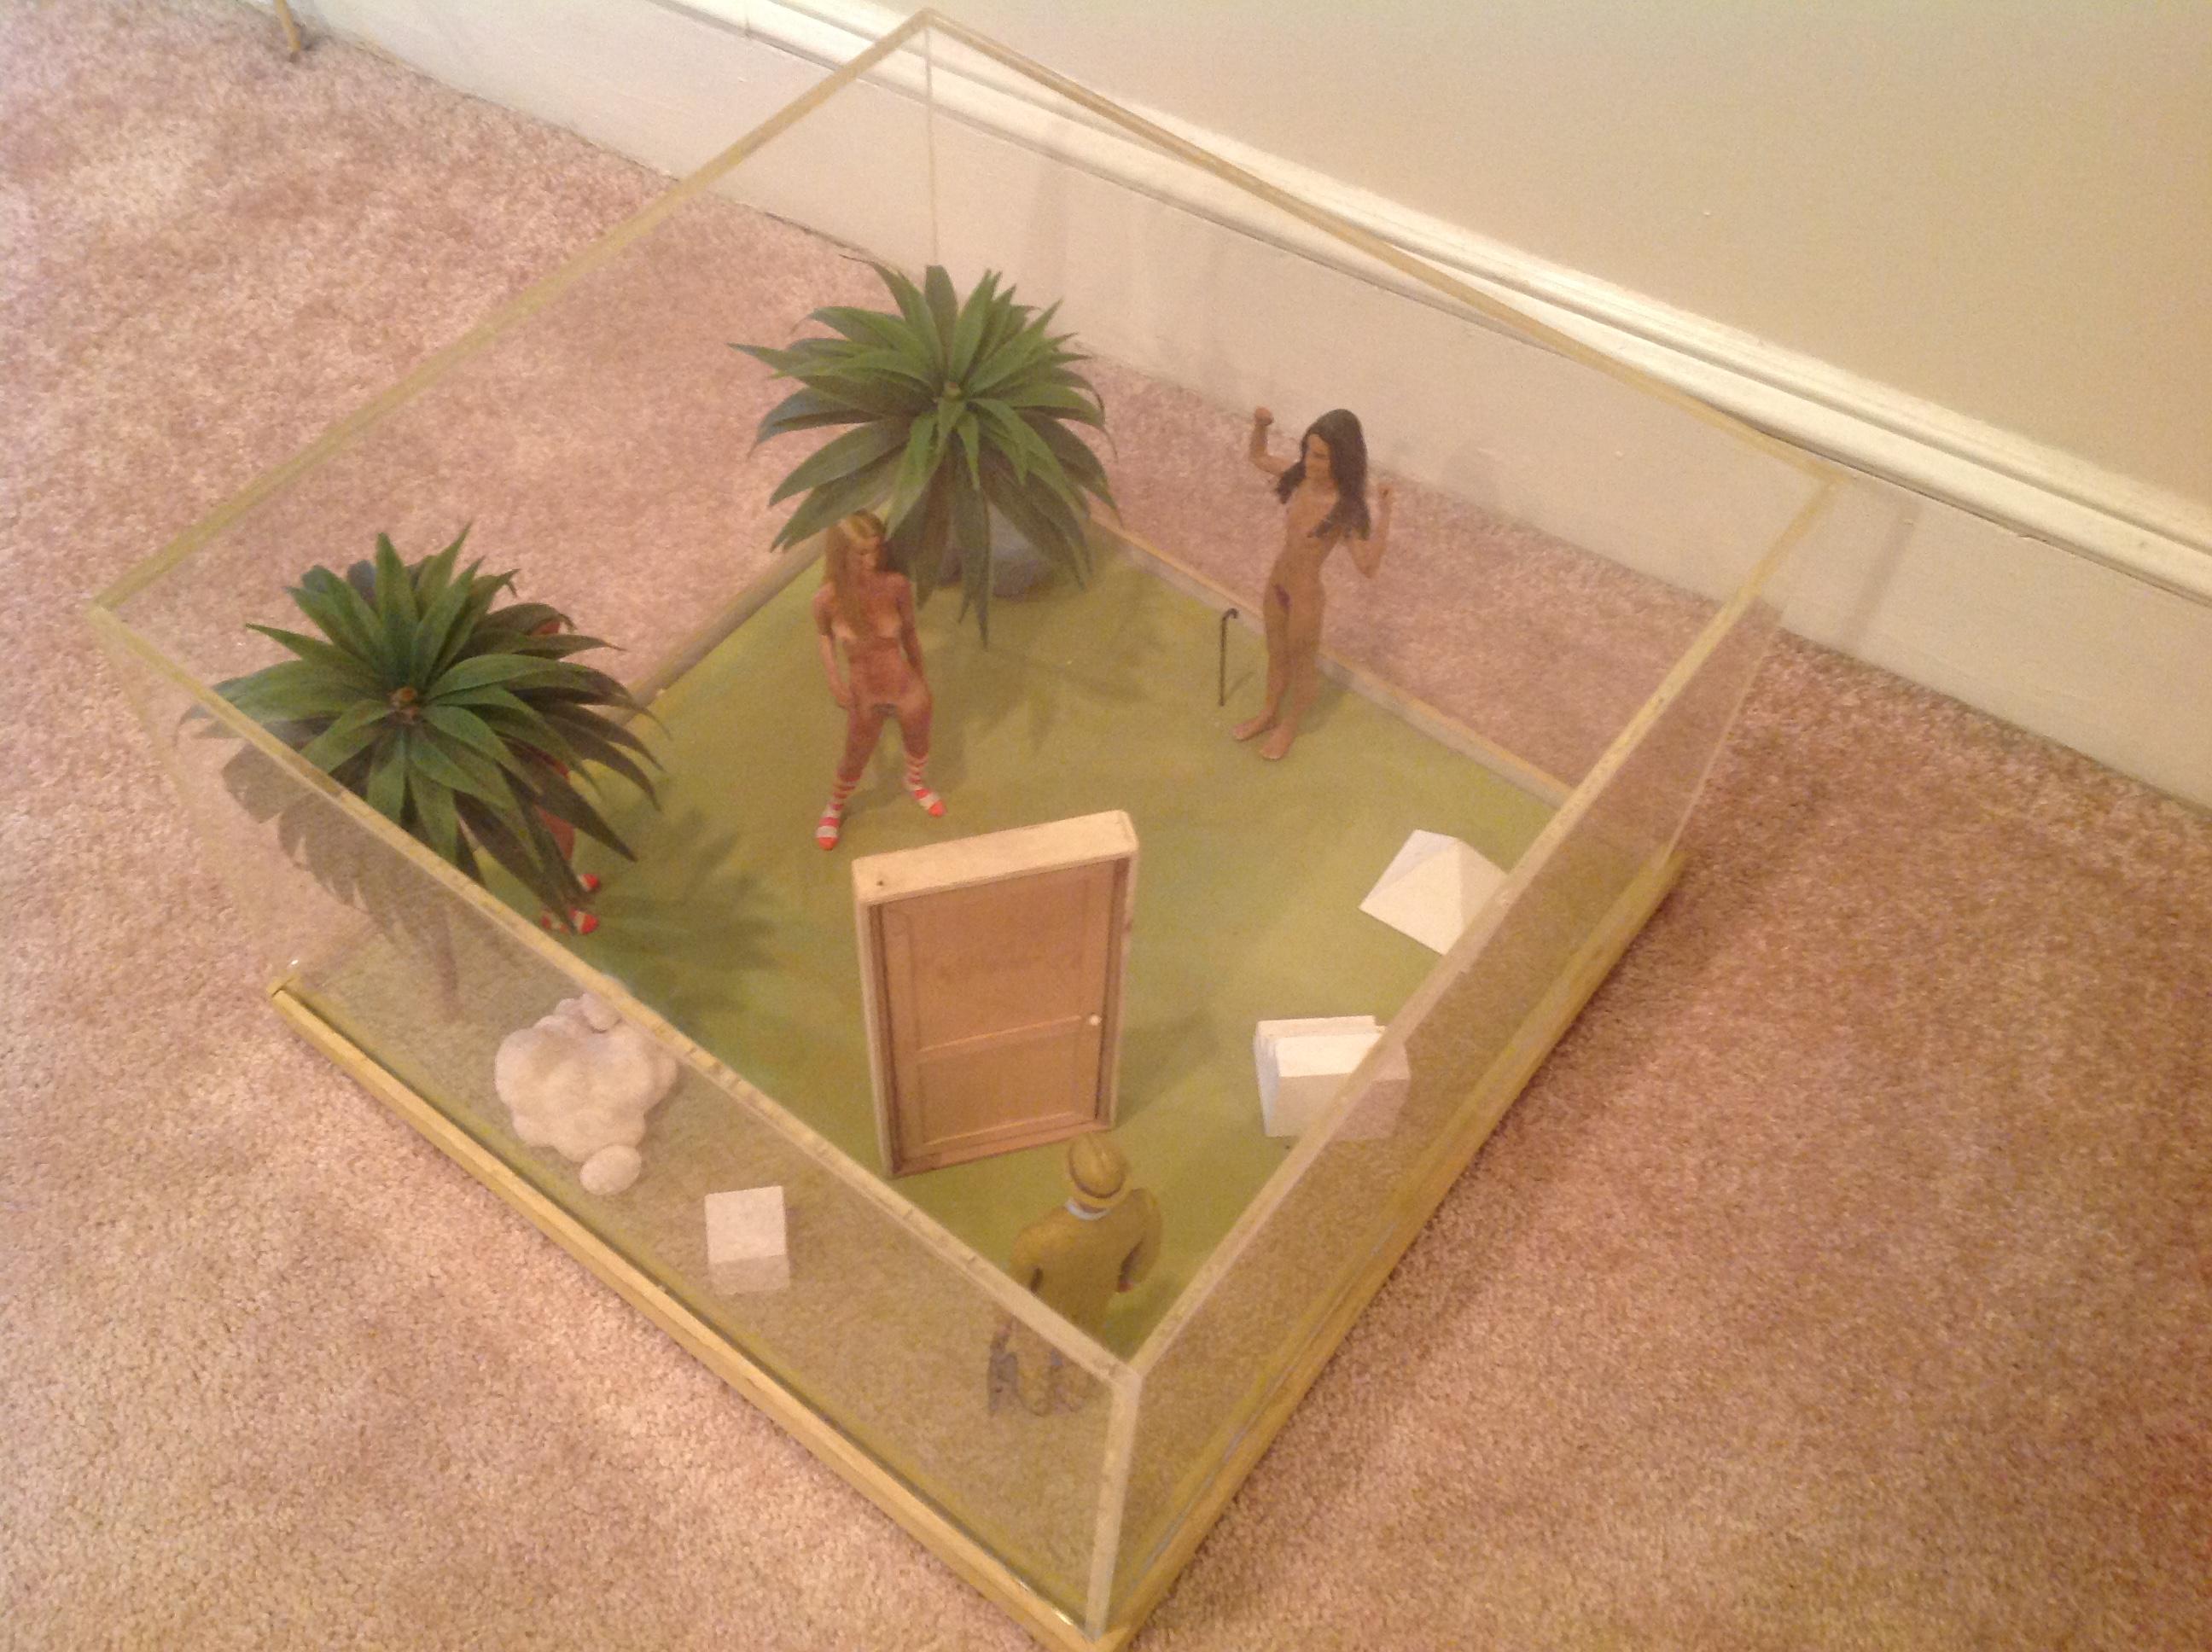 diorama surrealism assemeblage by artist J Grimmins13